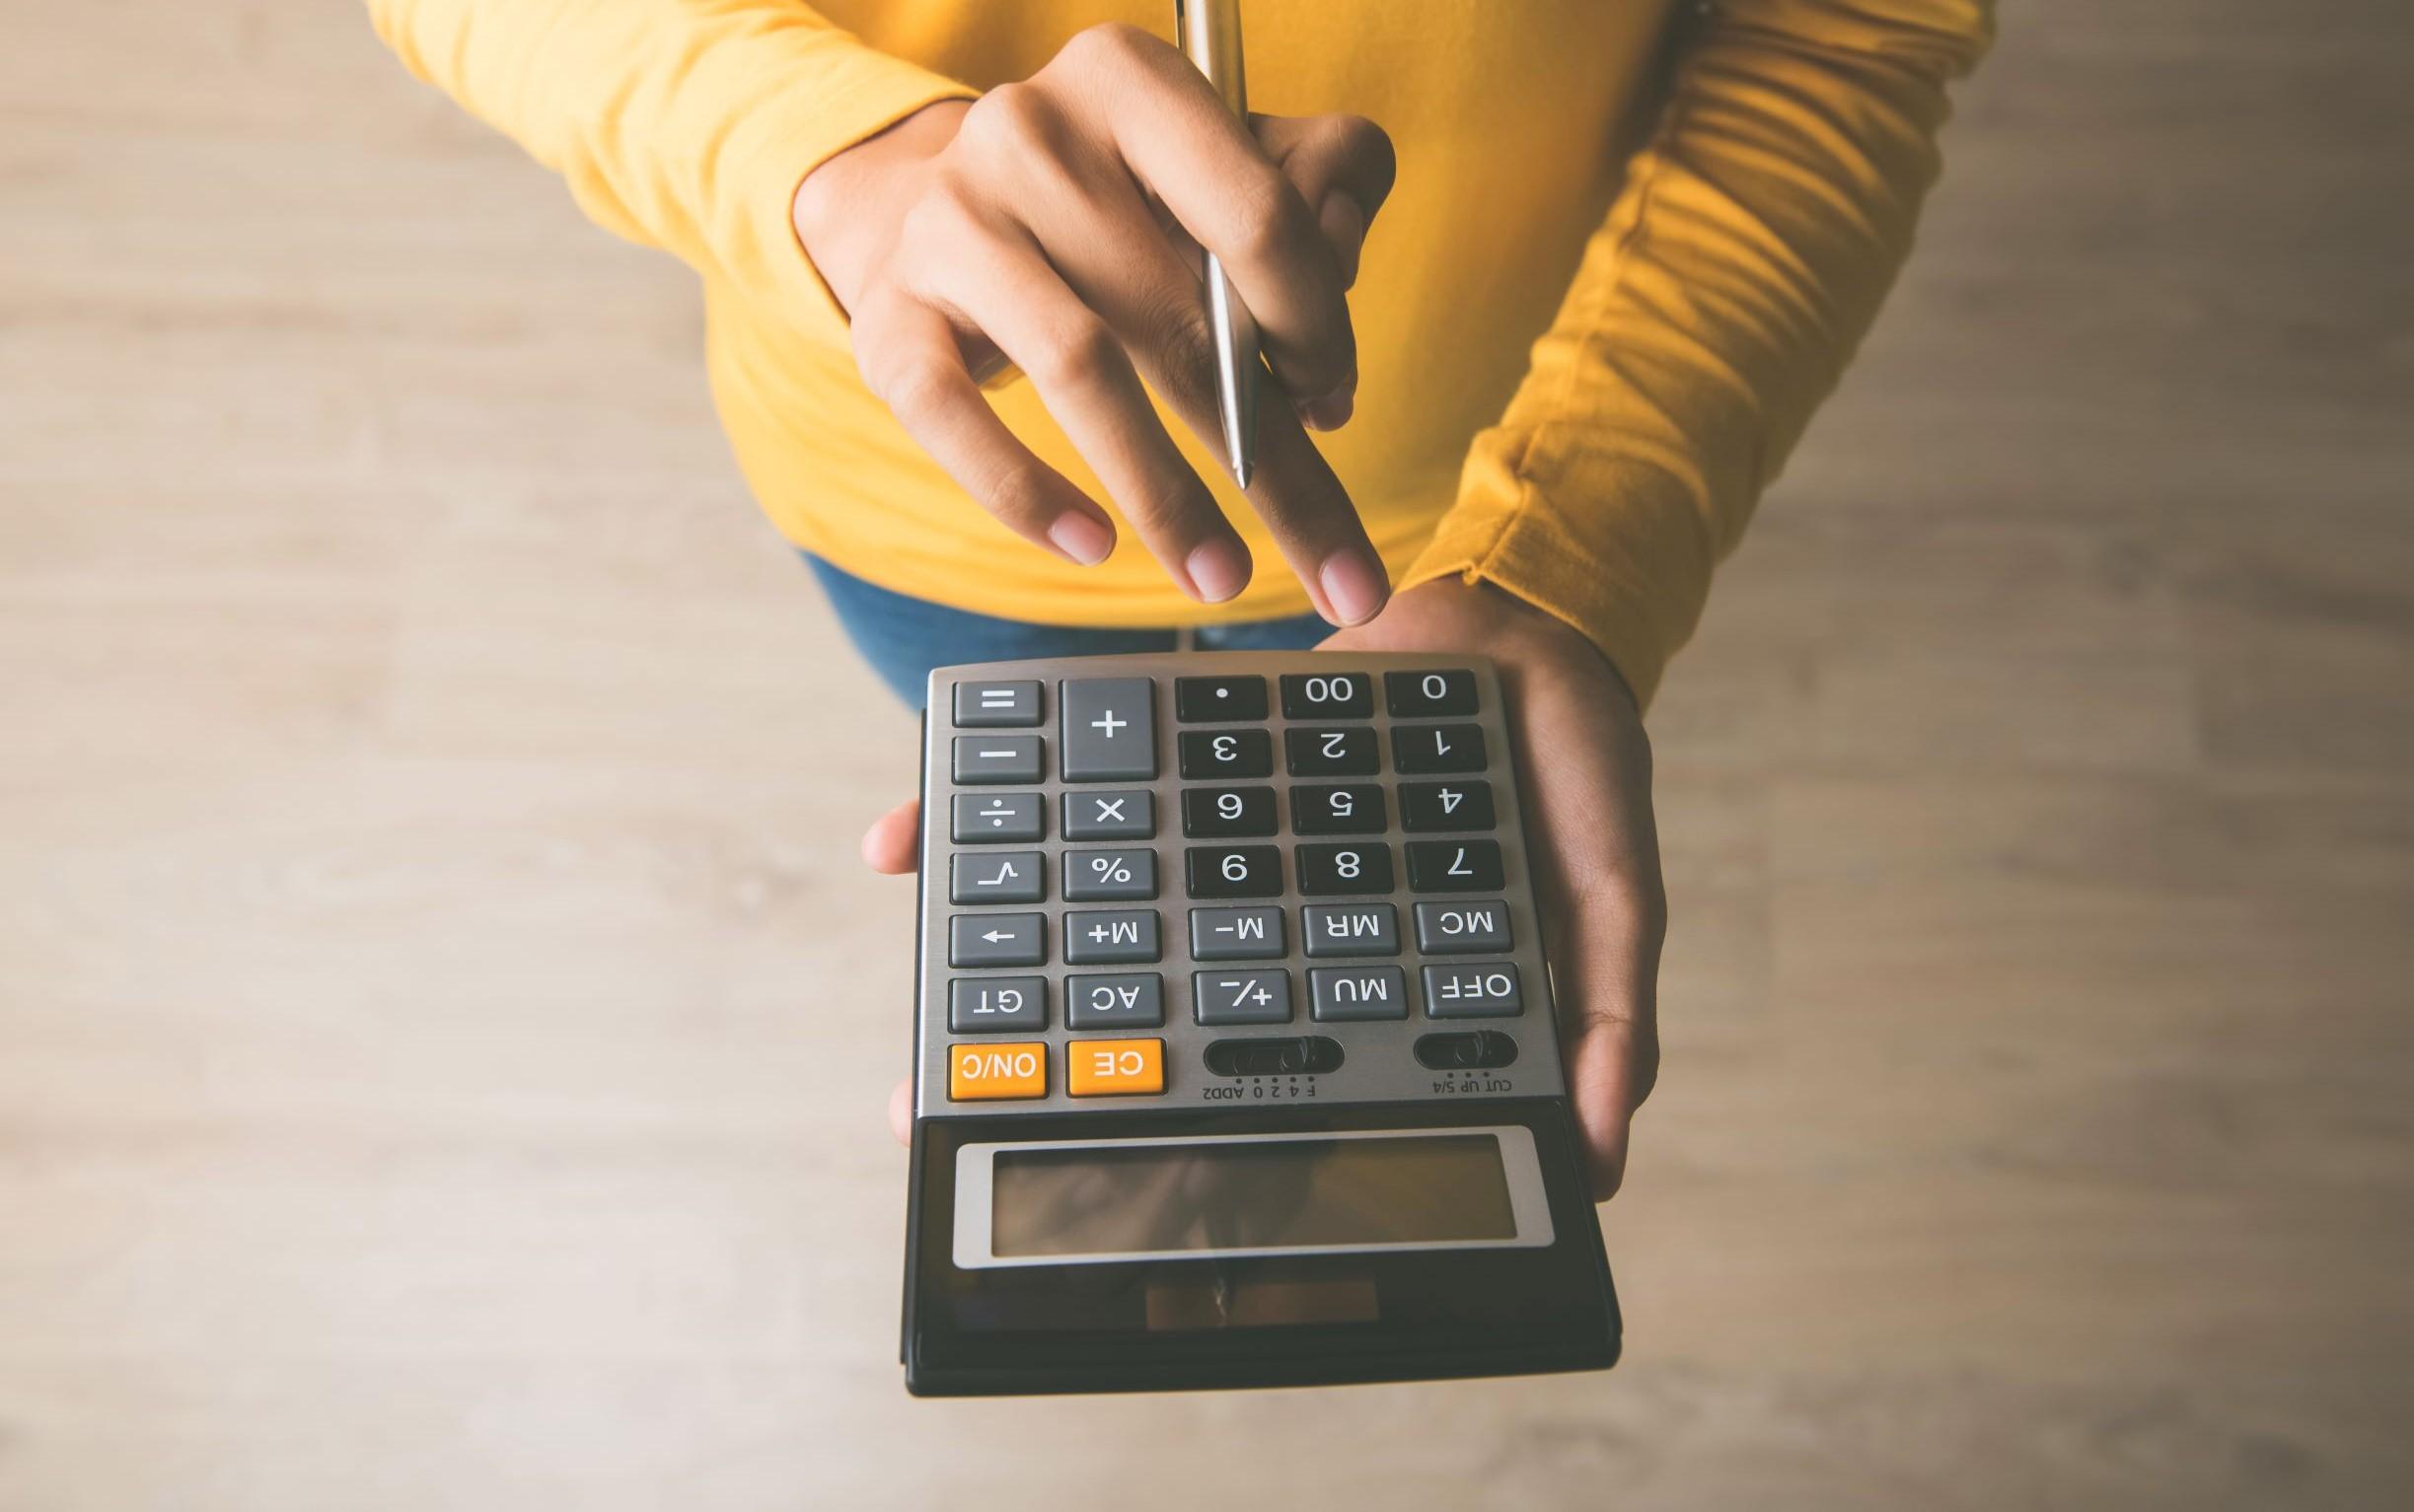 【新型コロナウイルス】休業手当の算出に必要な平均賃金の計算方法をわかりやすく解説